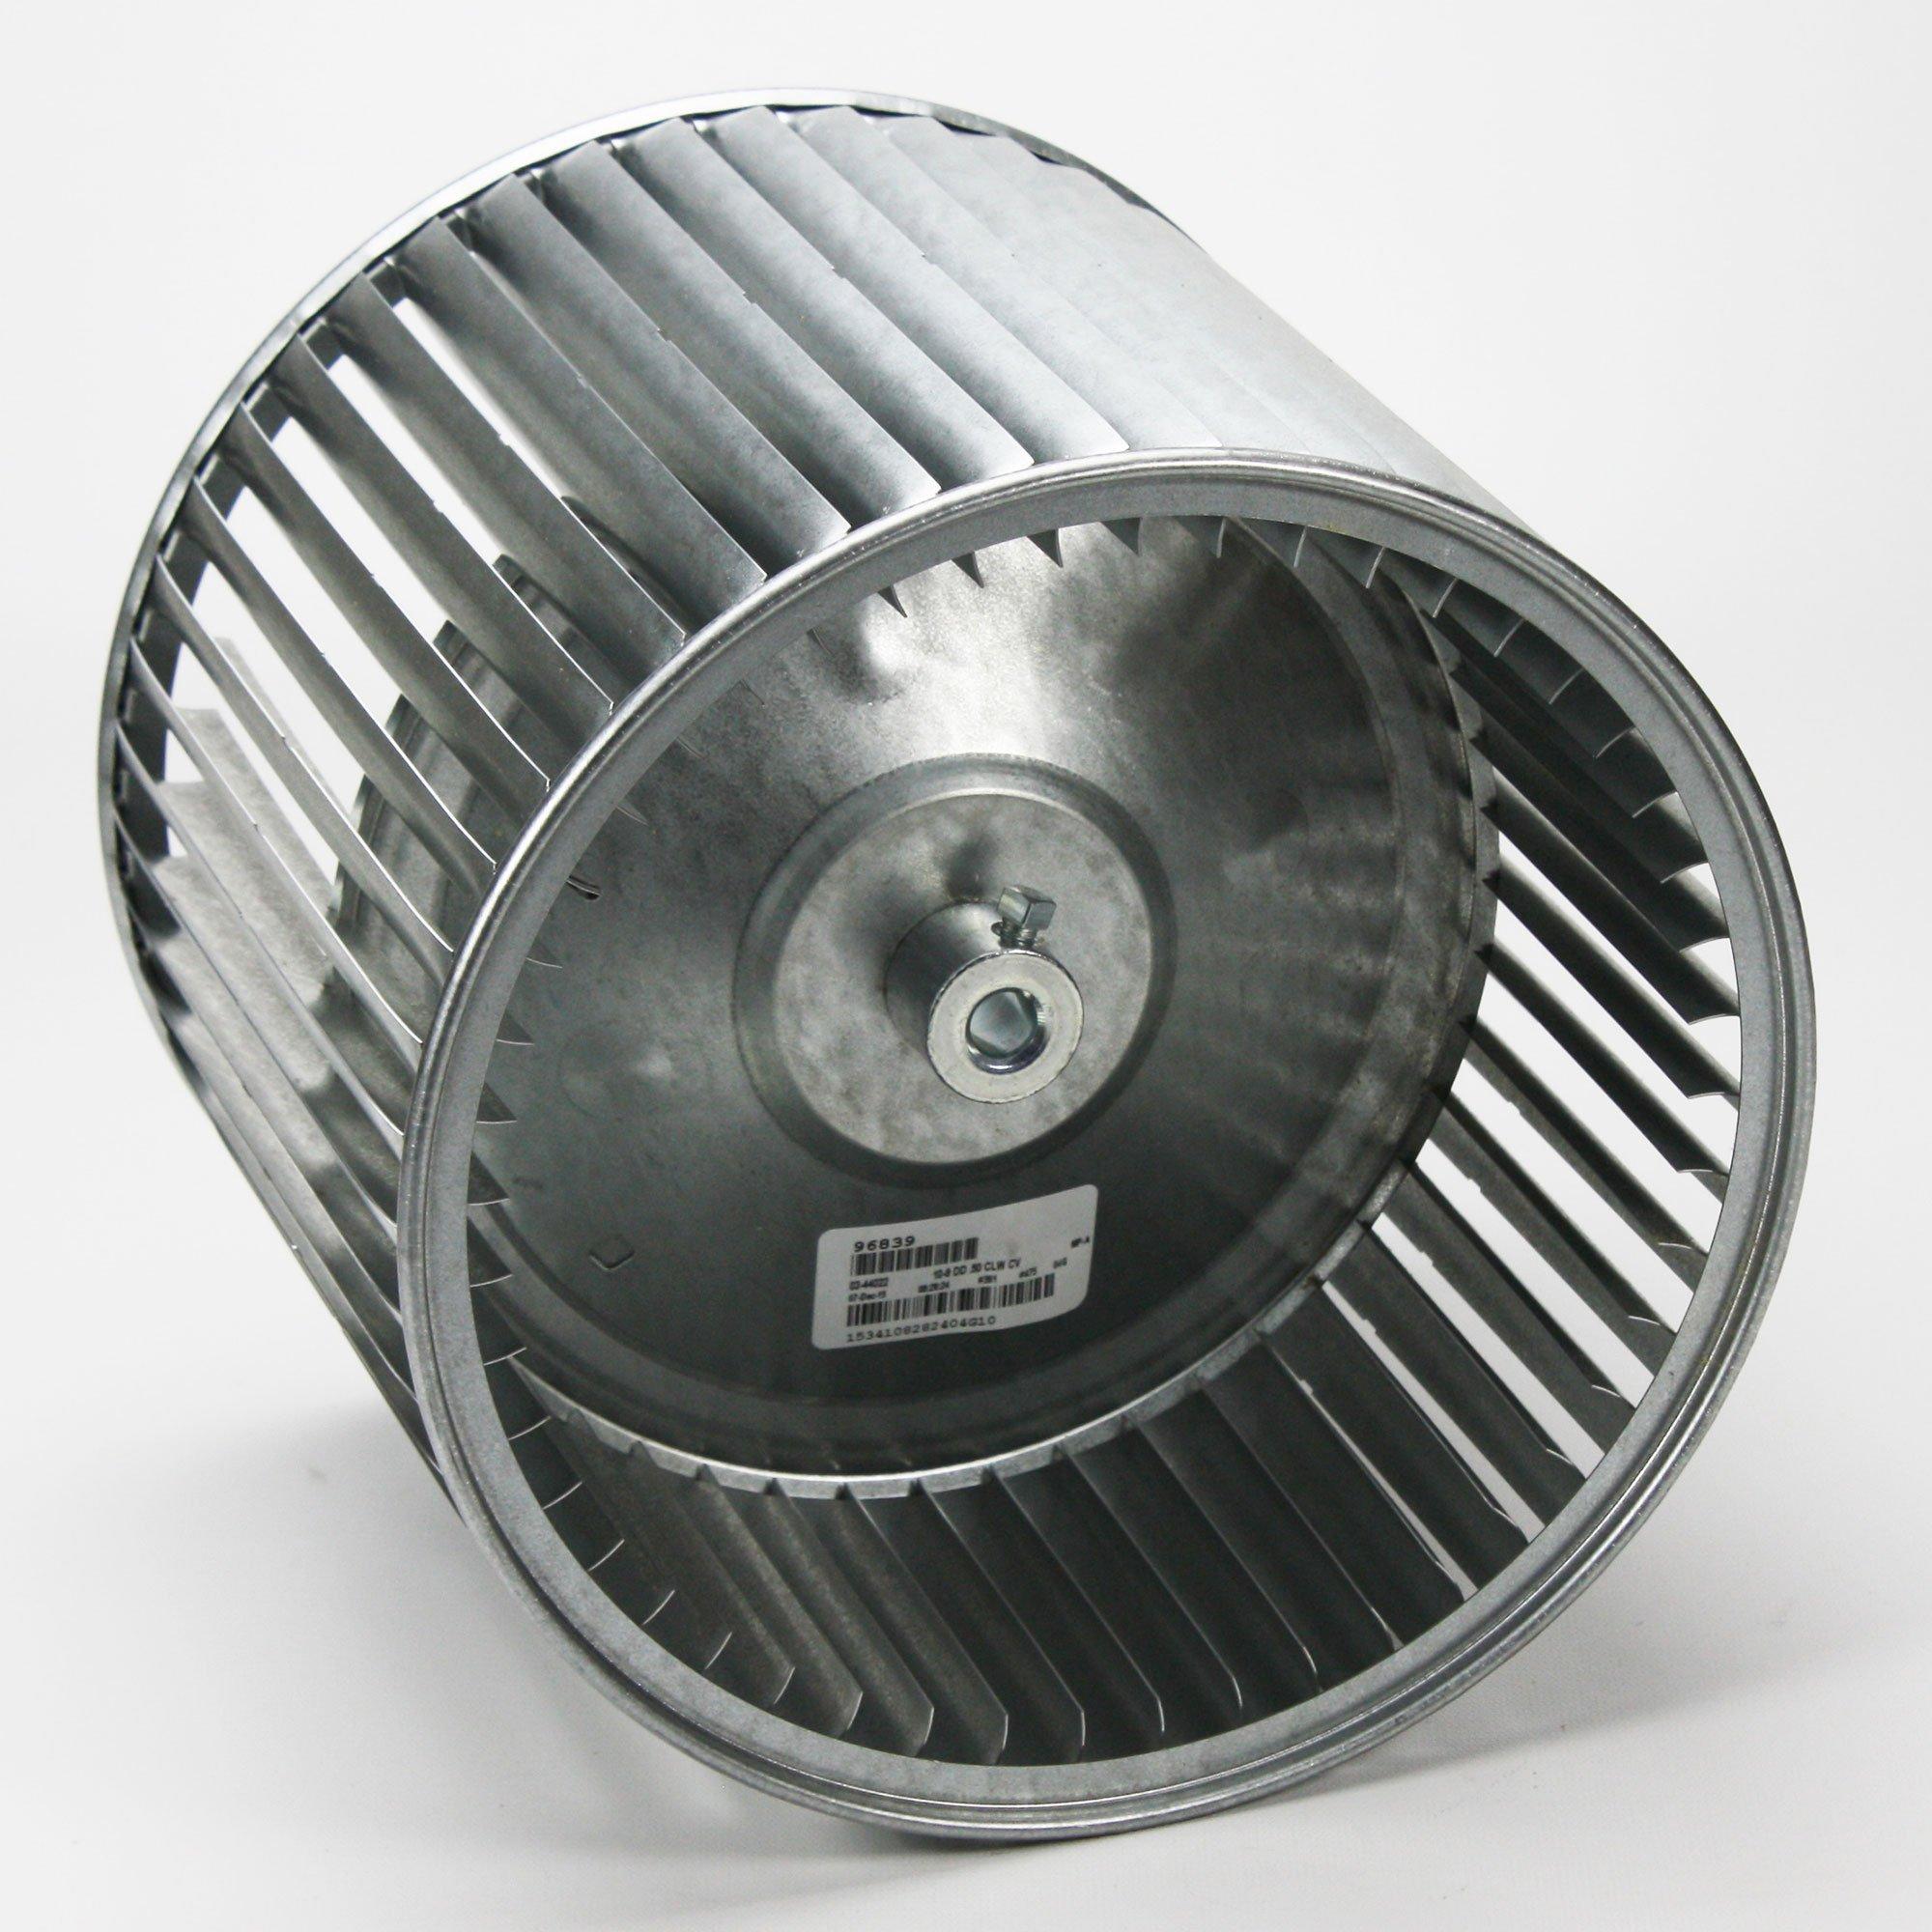 HEIL QUAKER / ICP Product 96839